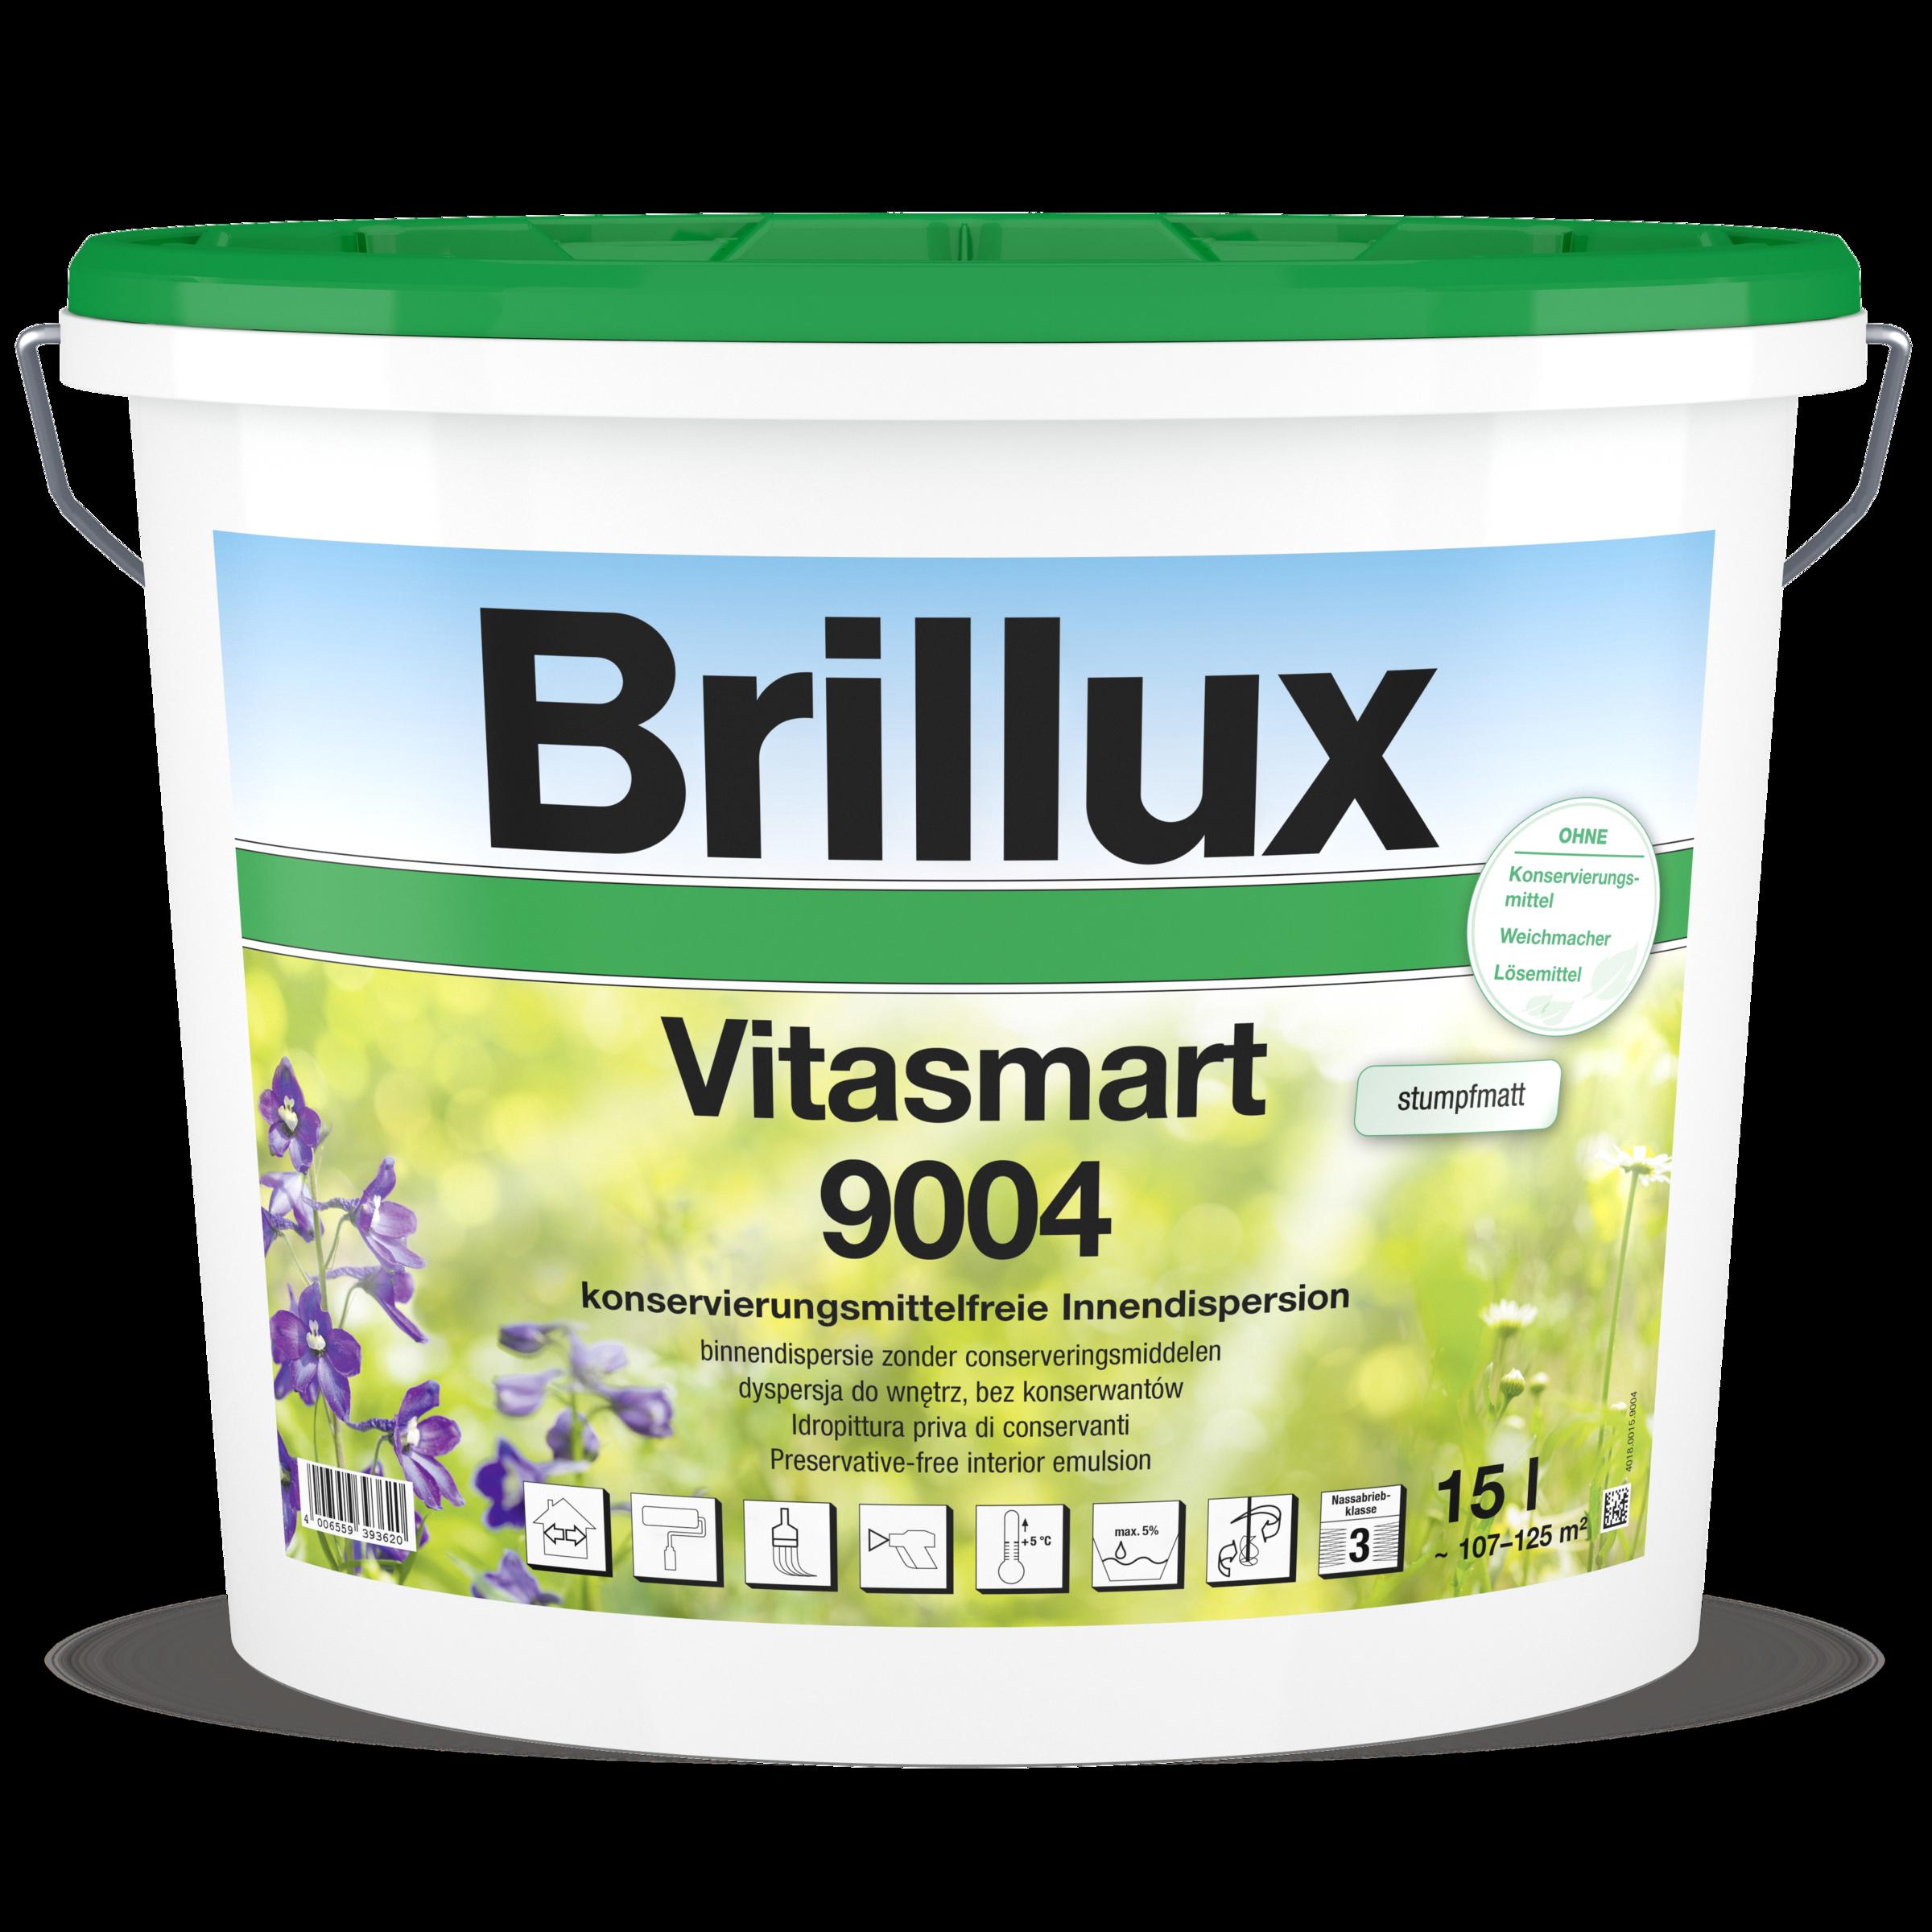 Vitasmart 9004 - Farbton weiß